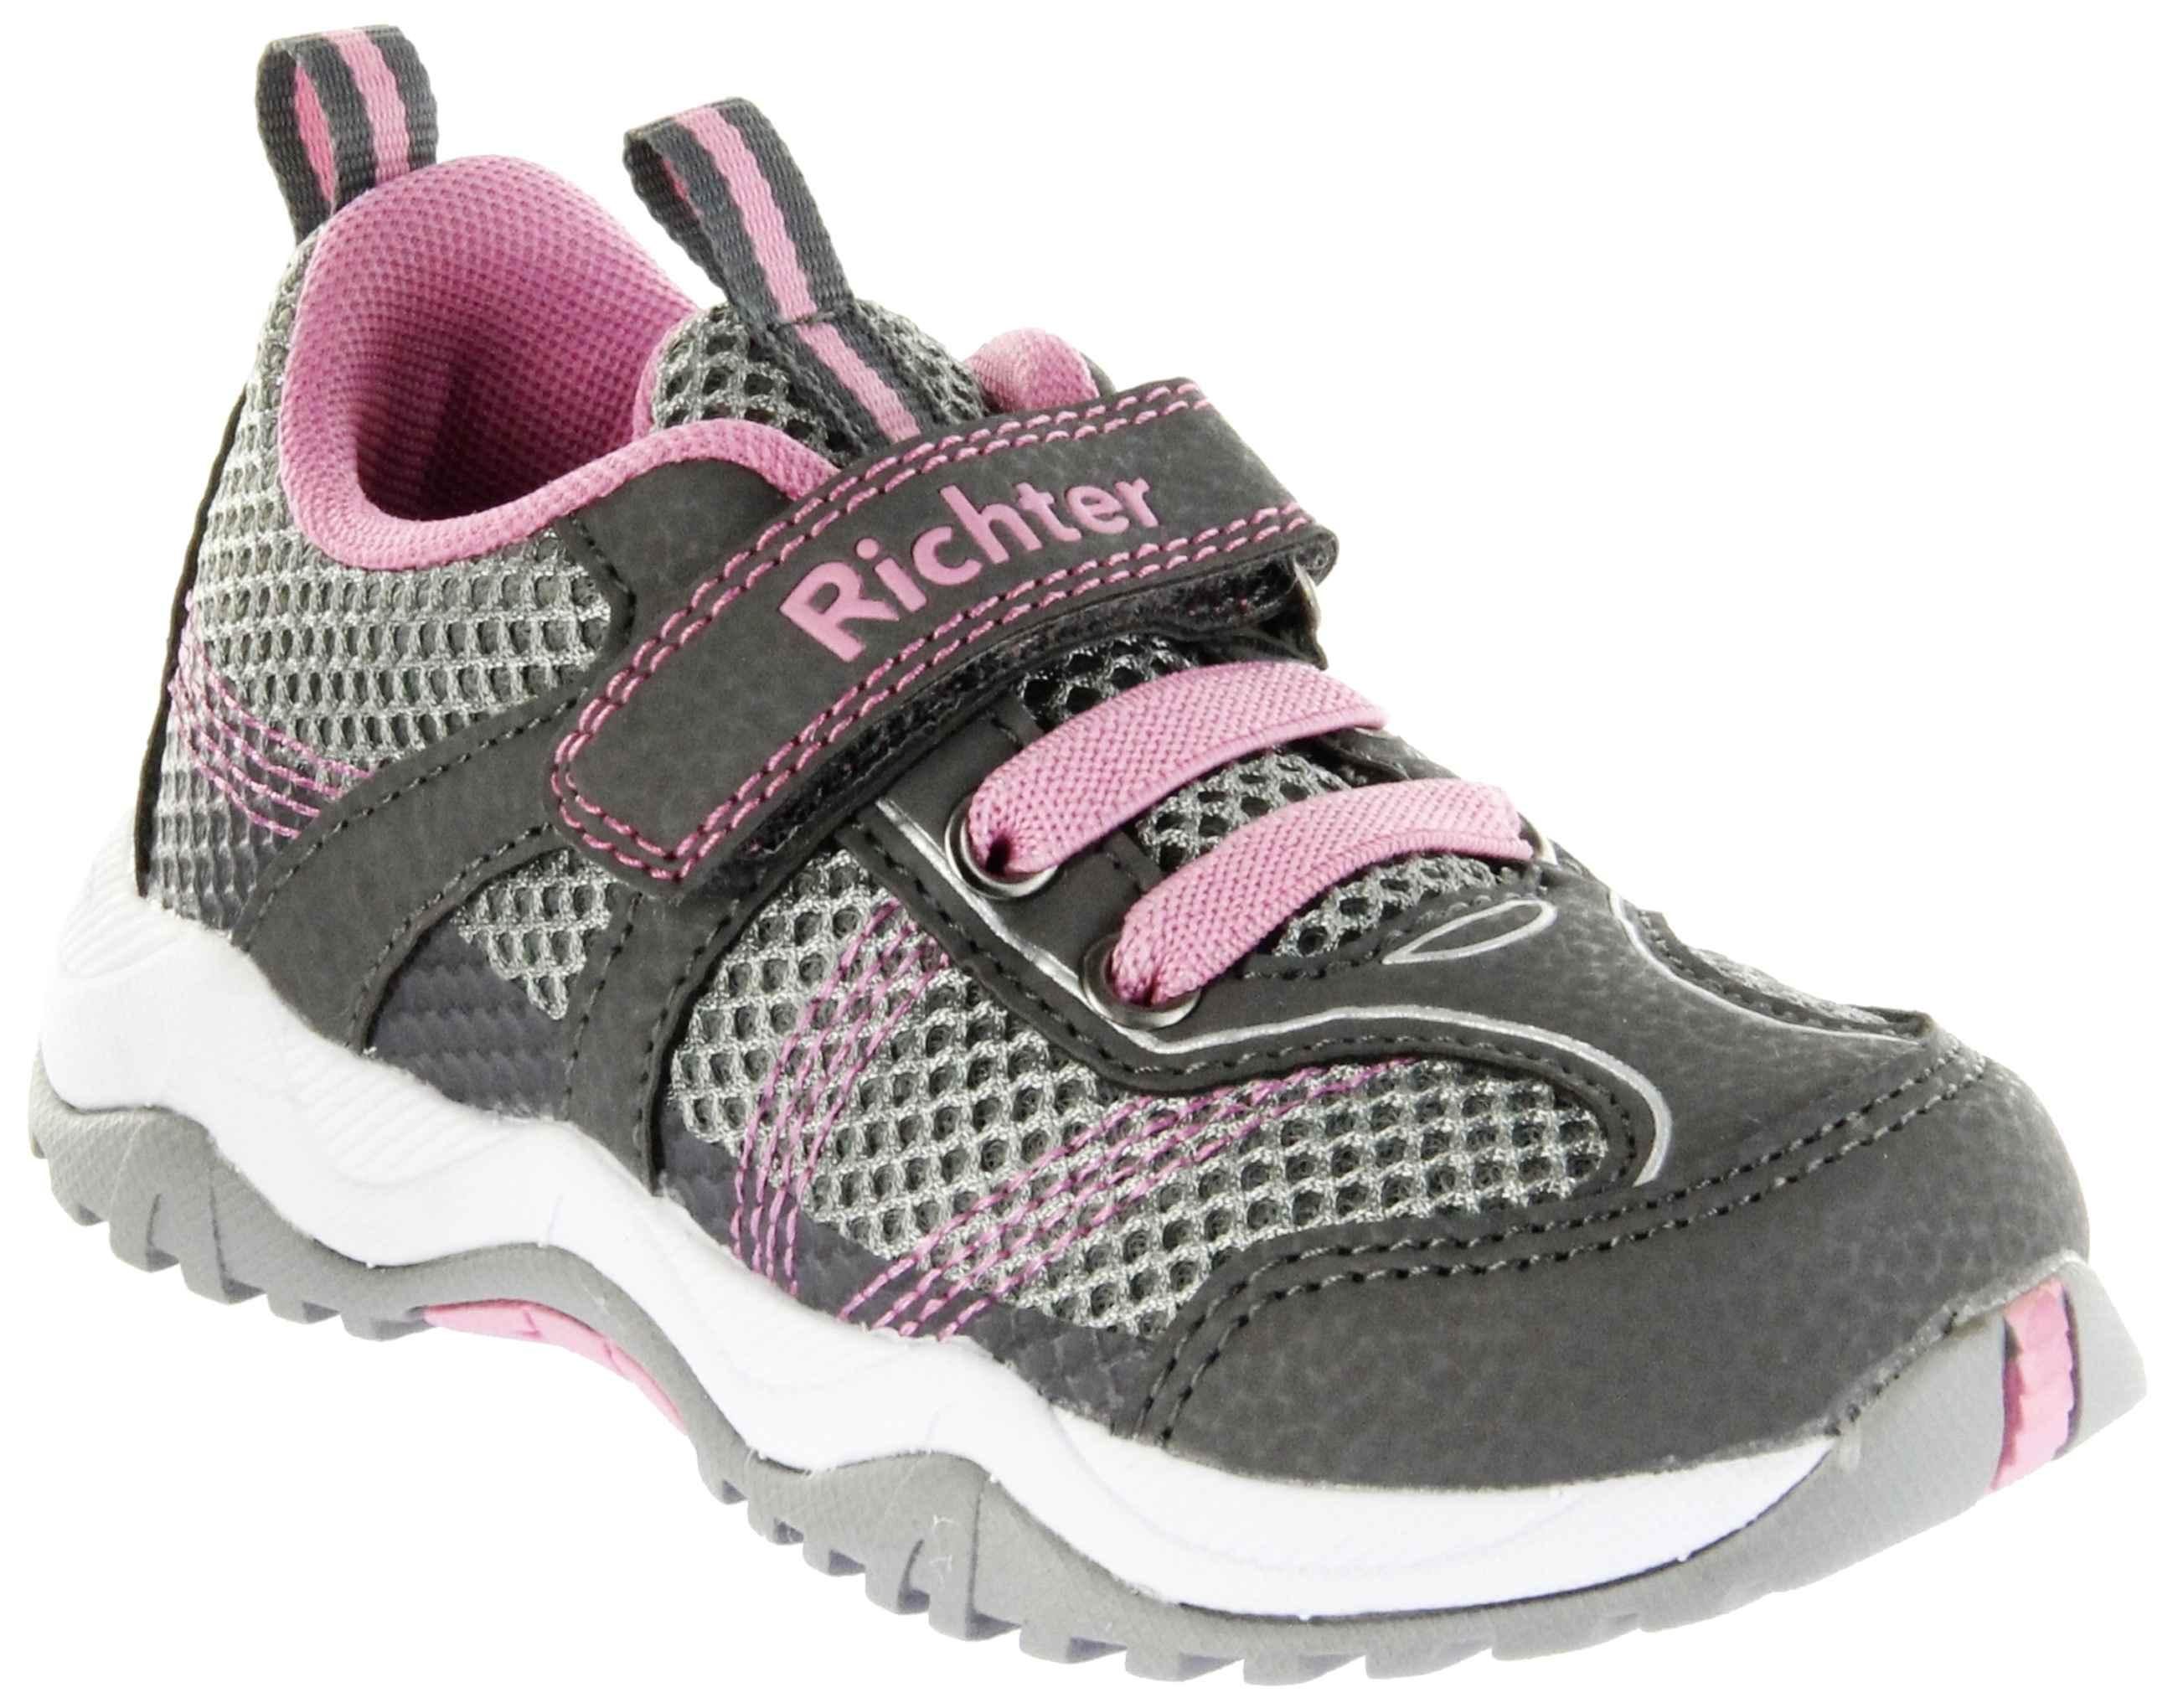 Richter Kinder Halbschuhe Sneaker Outdoor grau Textil Mädchen Schuhe 6421 341 6301 ash Future